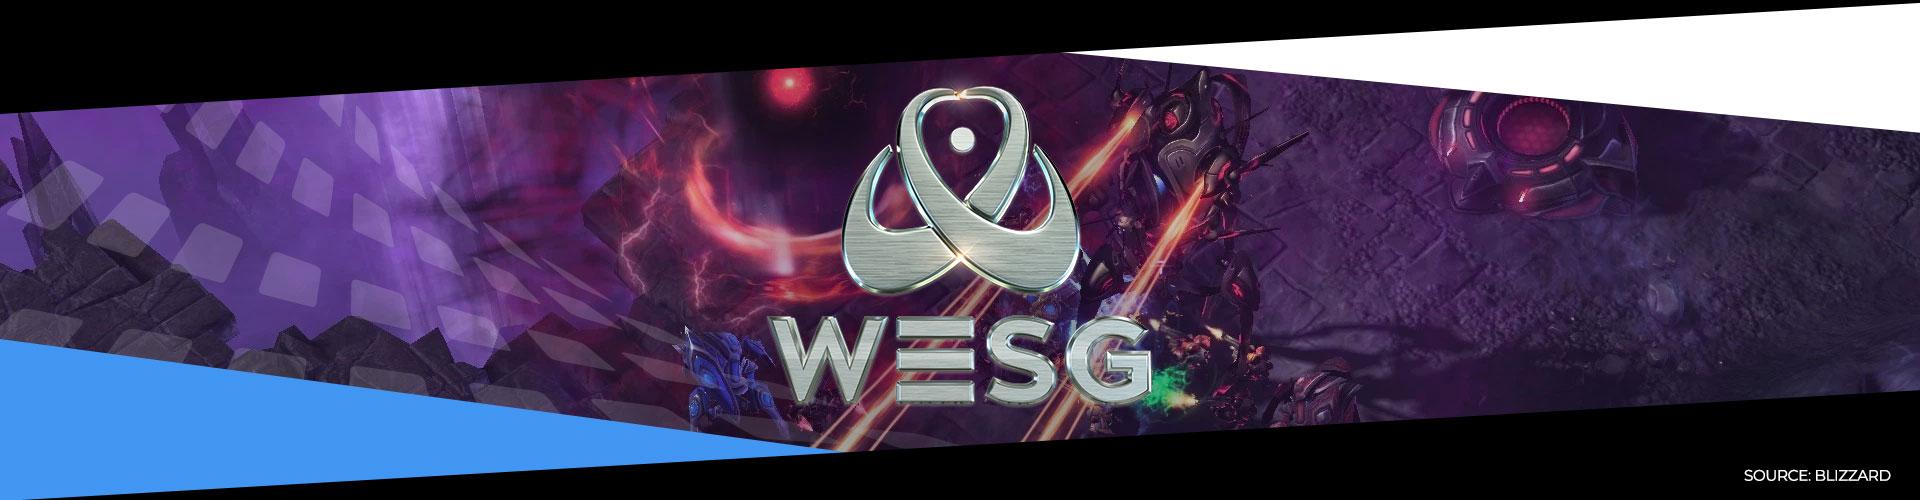 Eventsida om WESG 2018 Starcraft 2 och hur turneringen utspelade sig.